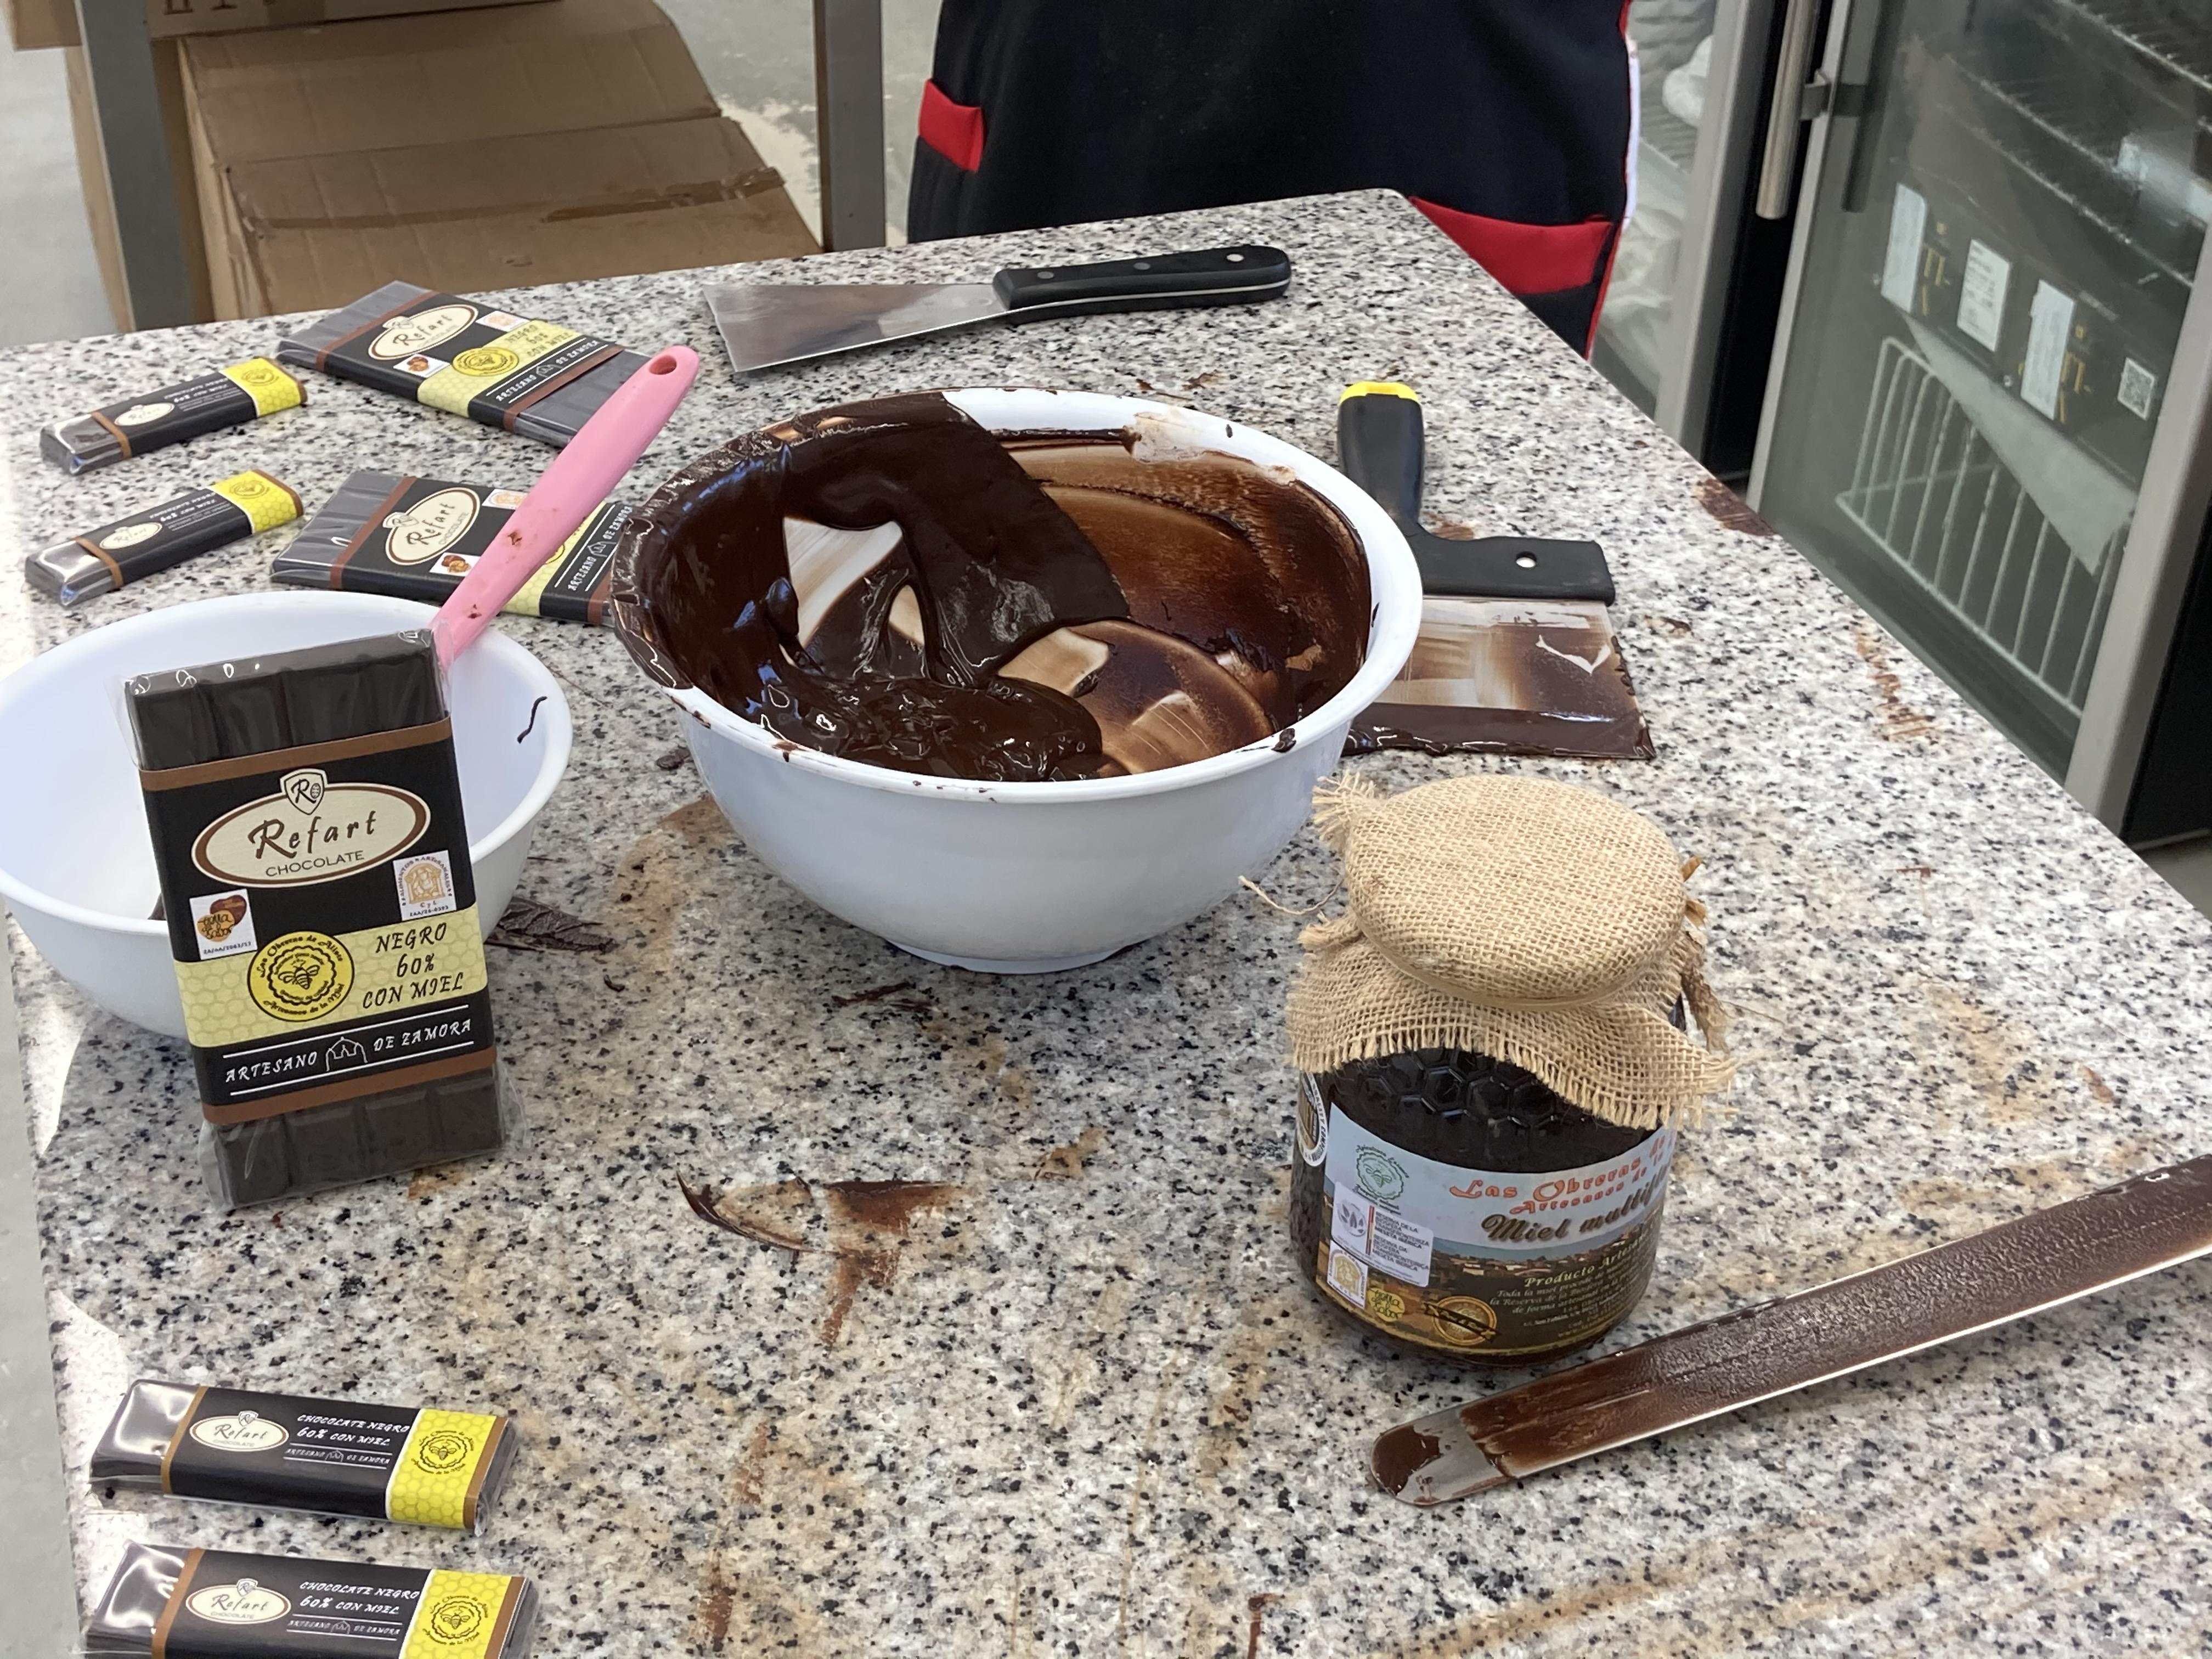 Artesanos Alimentarios Chocolates Refart y Las Obreras de Aliste CB Artesanos de la Miel